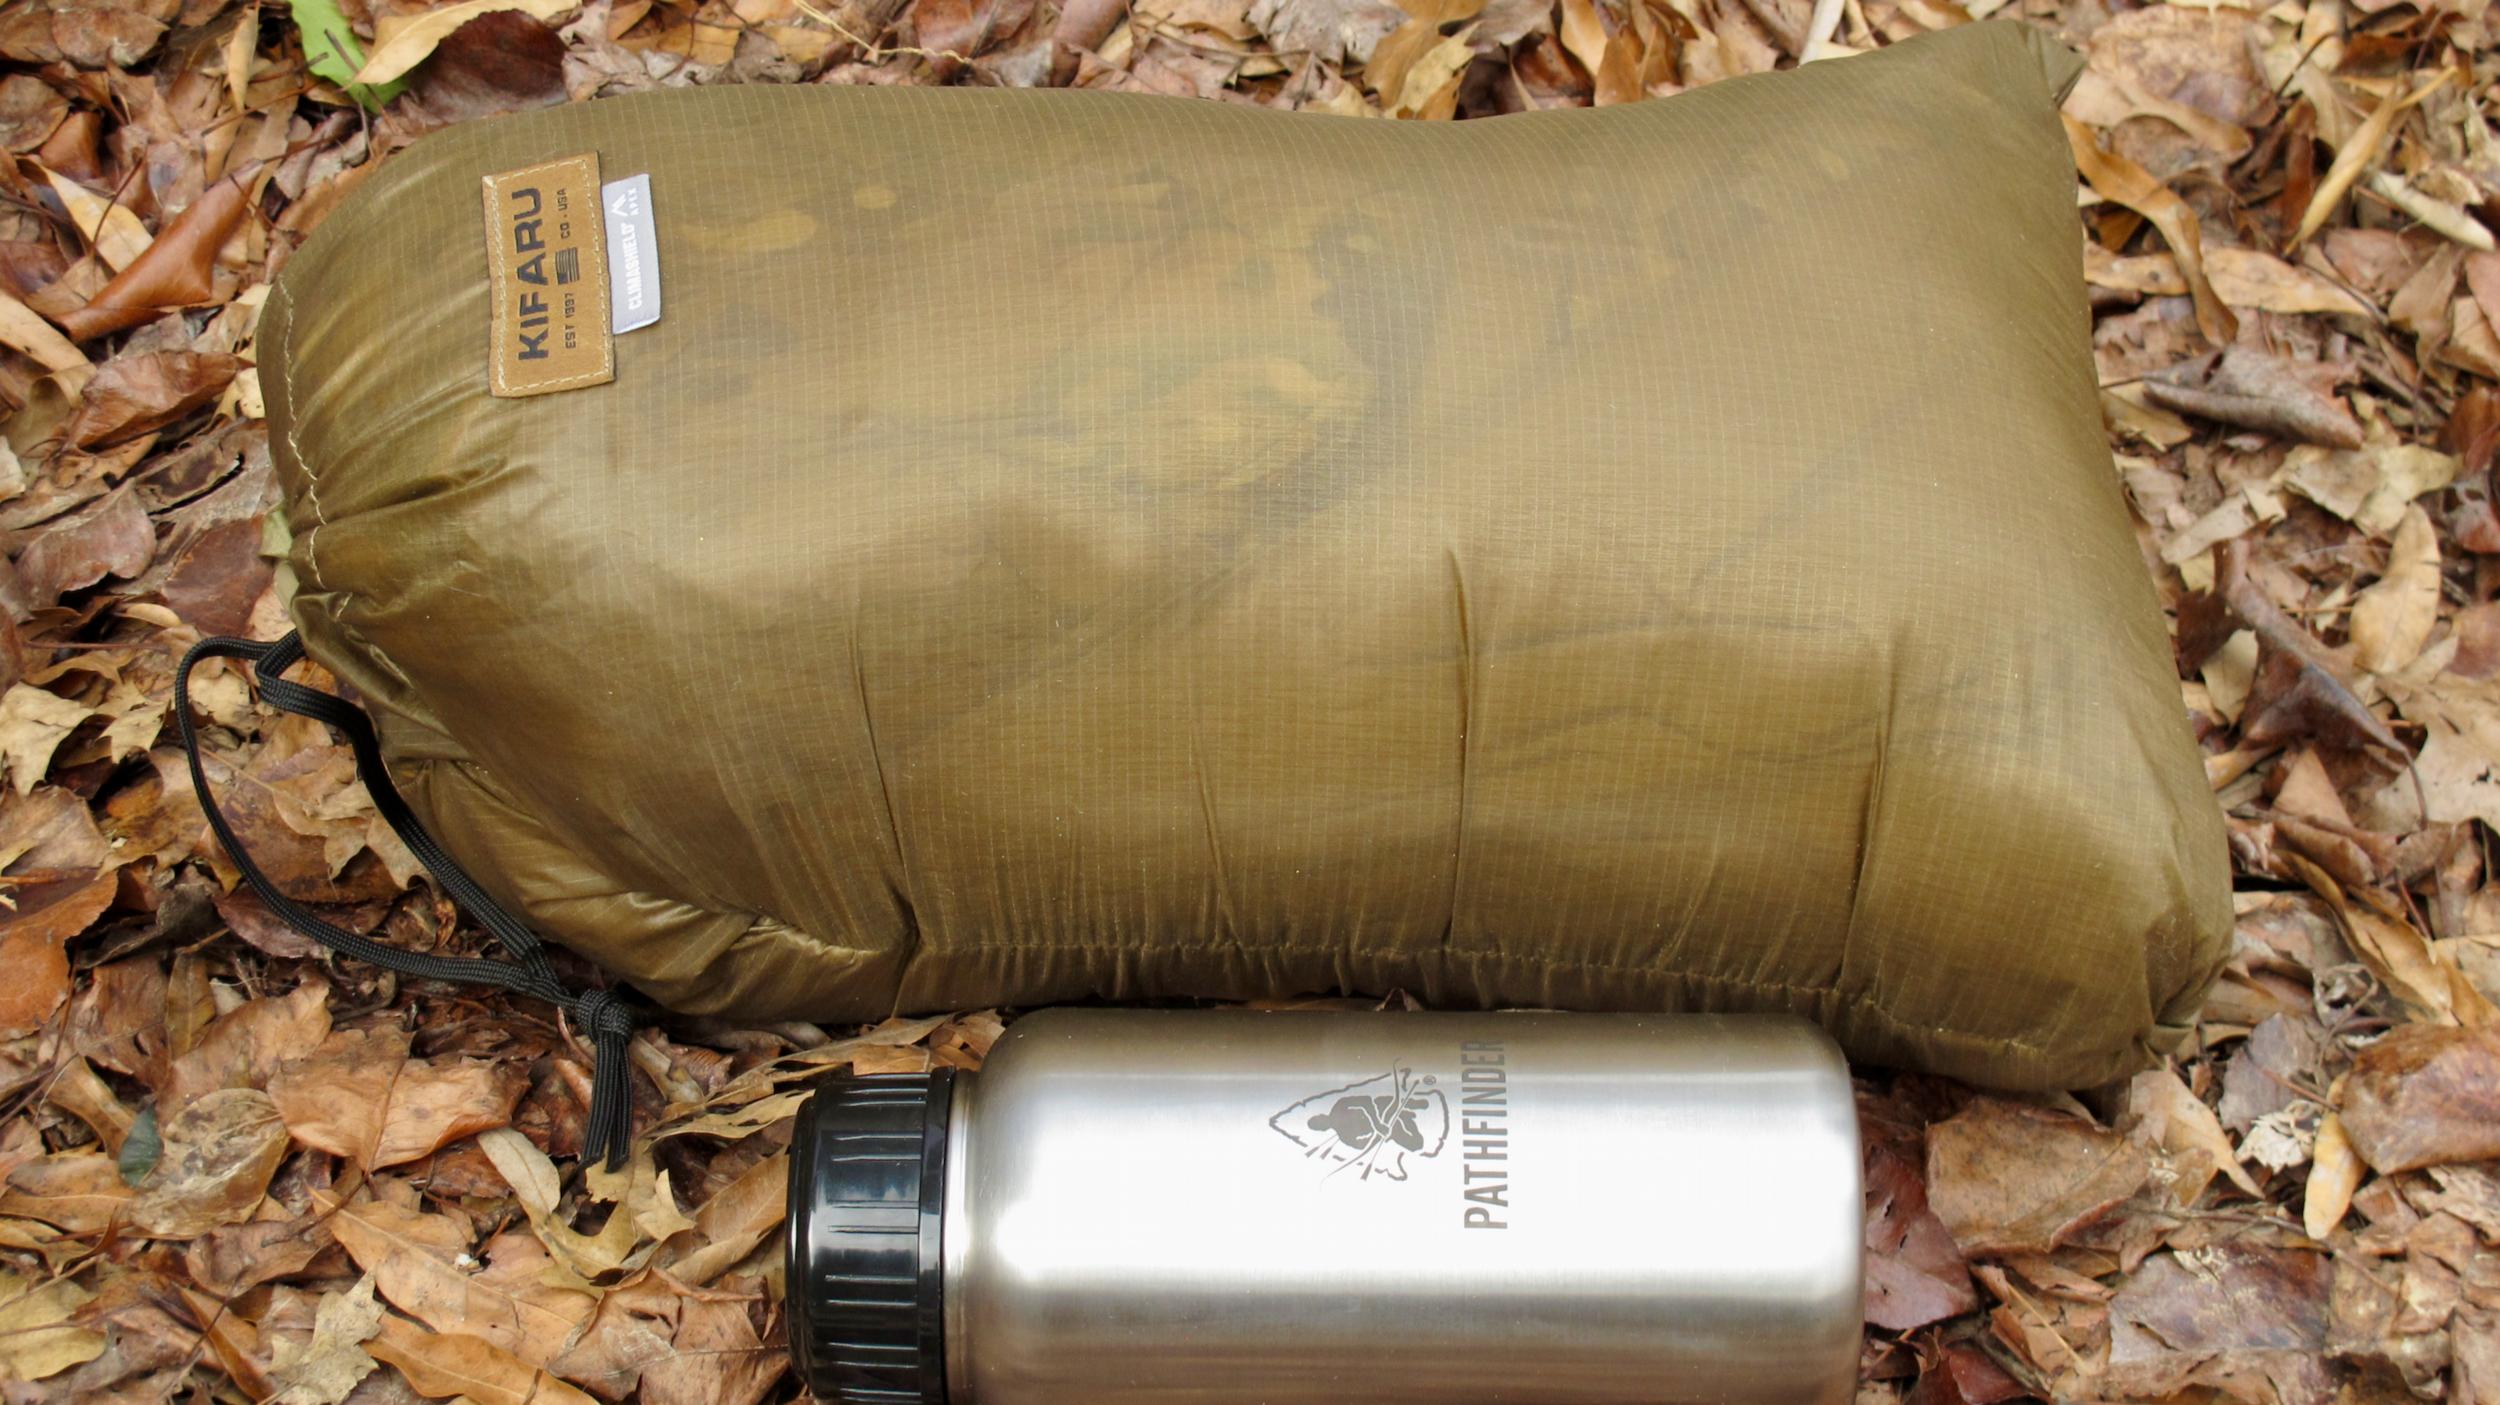 The Kifaru Woobie alongside a 32-ounce water bottle.